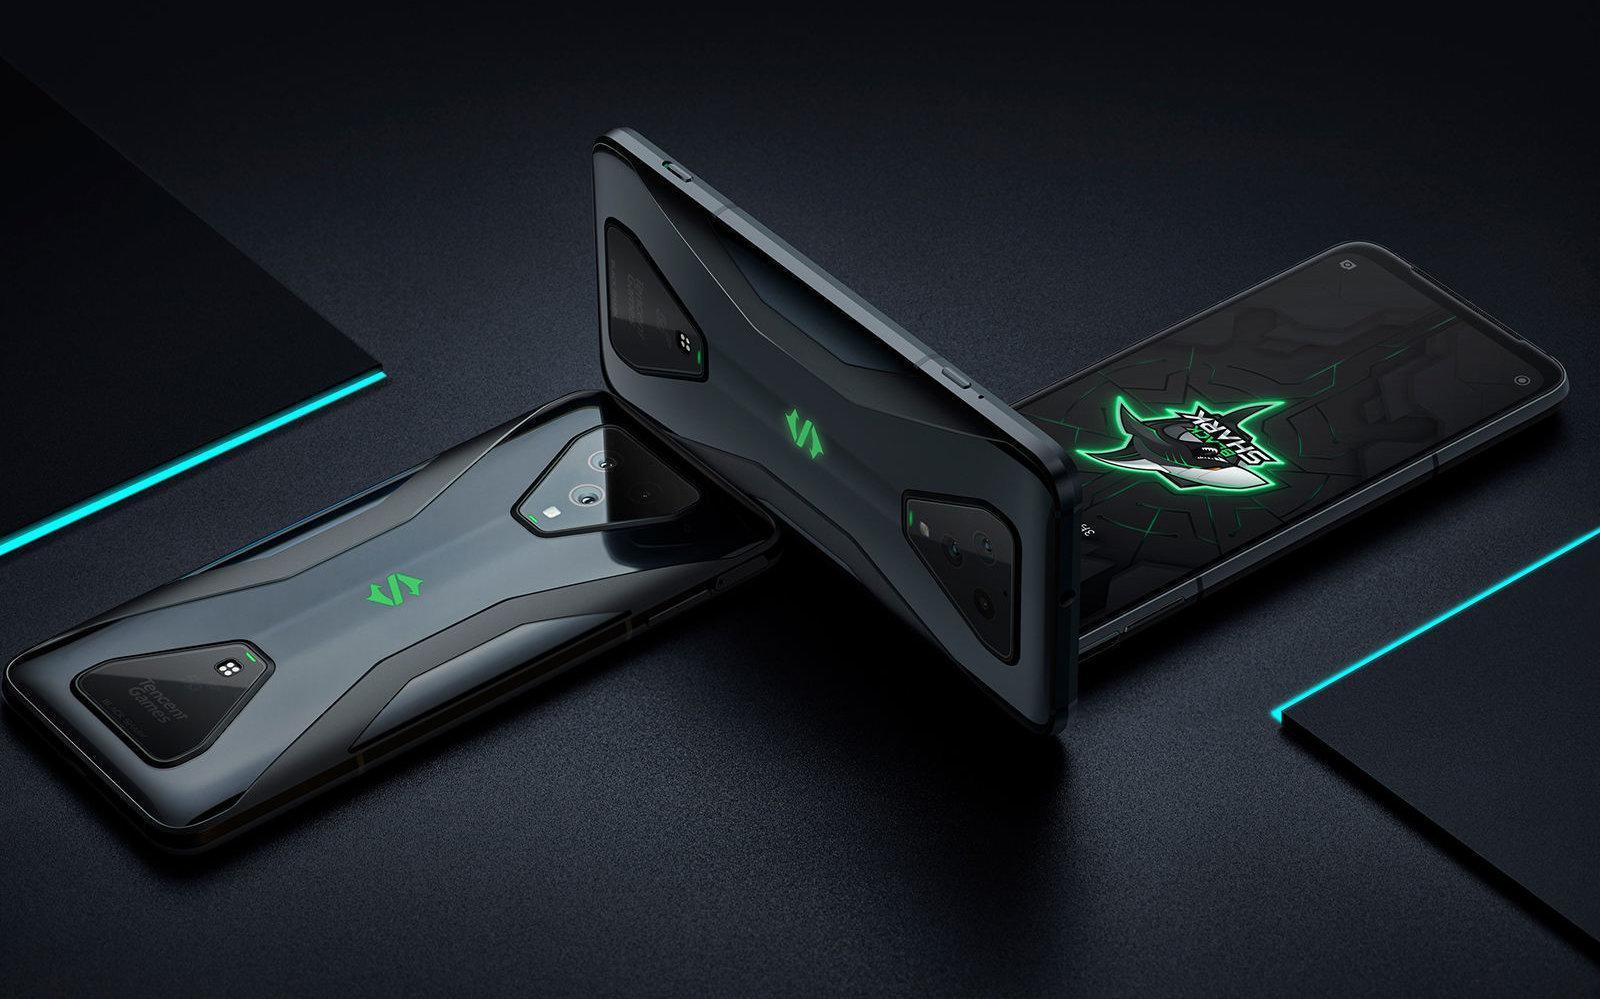 Европейские продажи игровых смартфонов Black Shark 3 и Black Shark 3 Pro стартуют 8 мая (a16cb1c750a9fcfb086ef756fafec137)